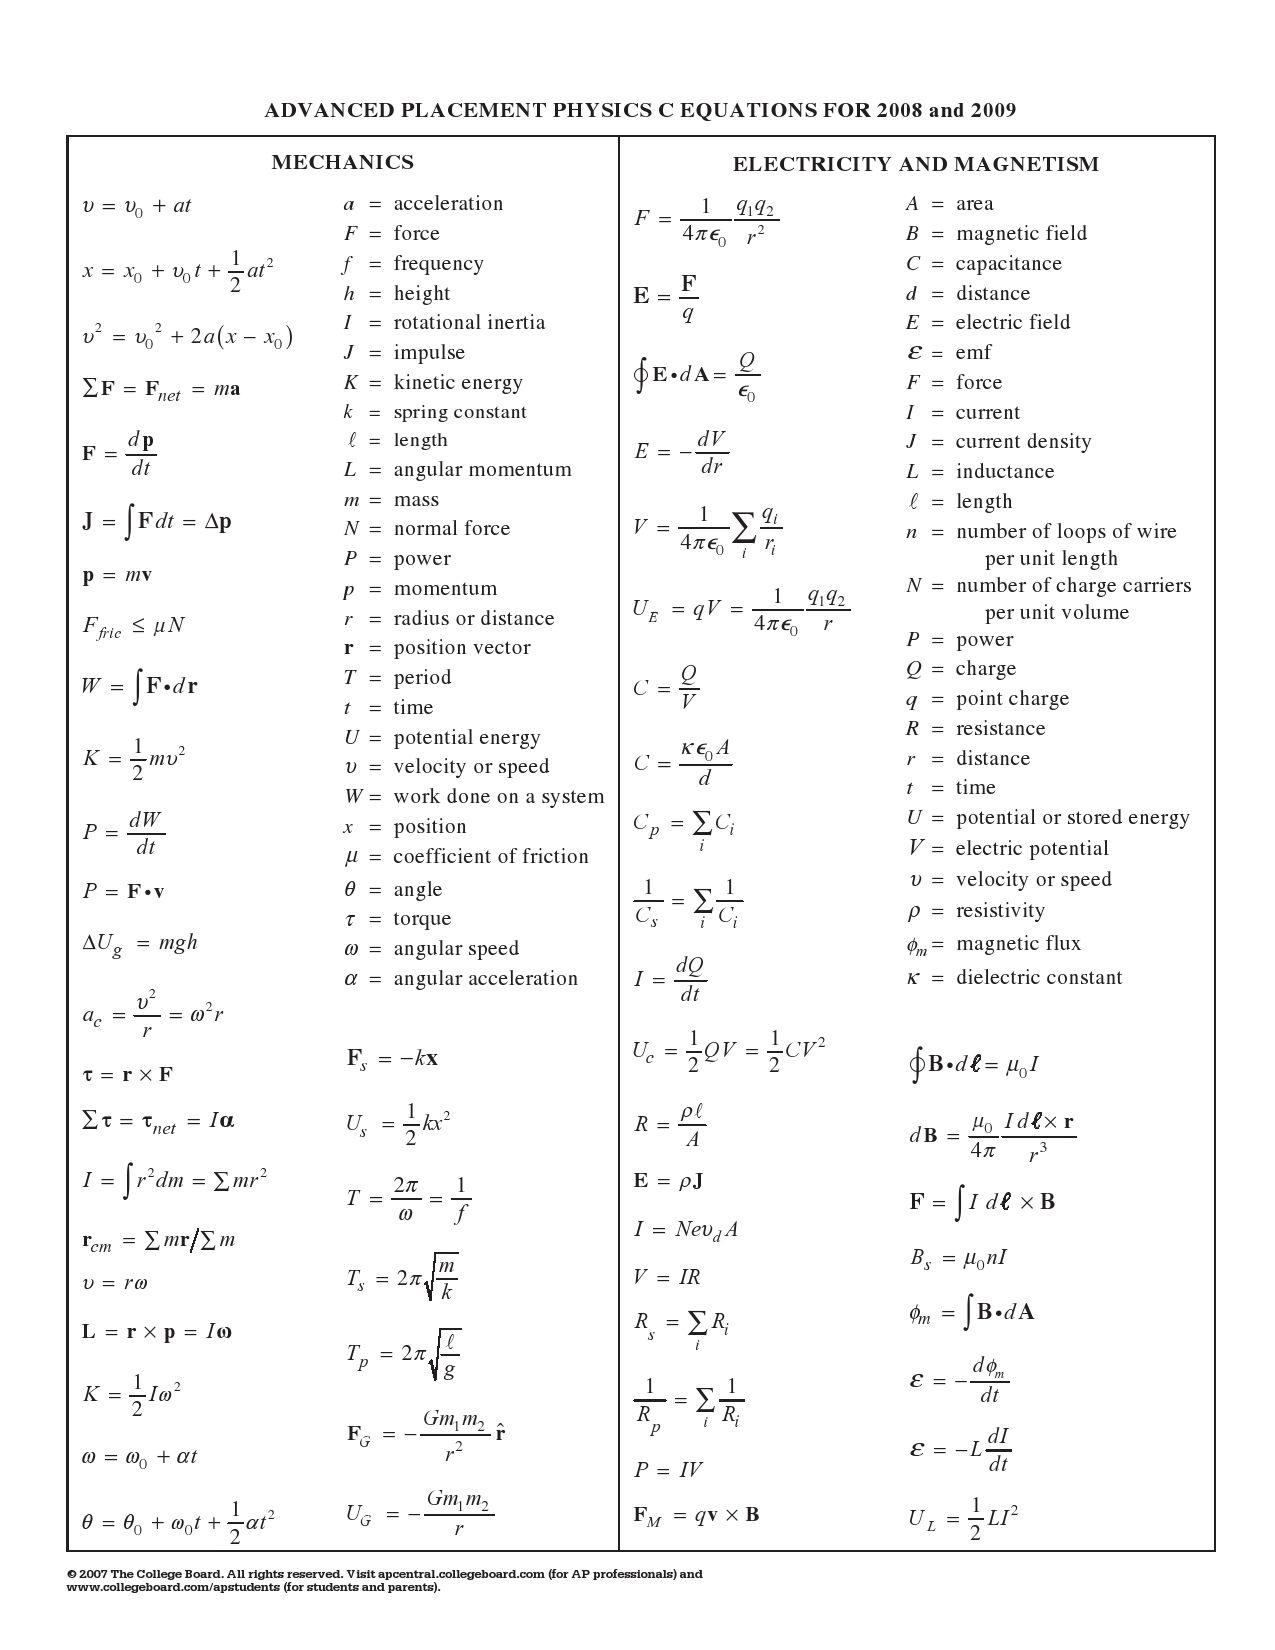 Physics Equations 3